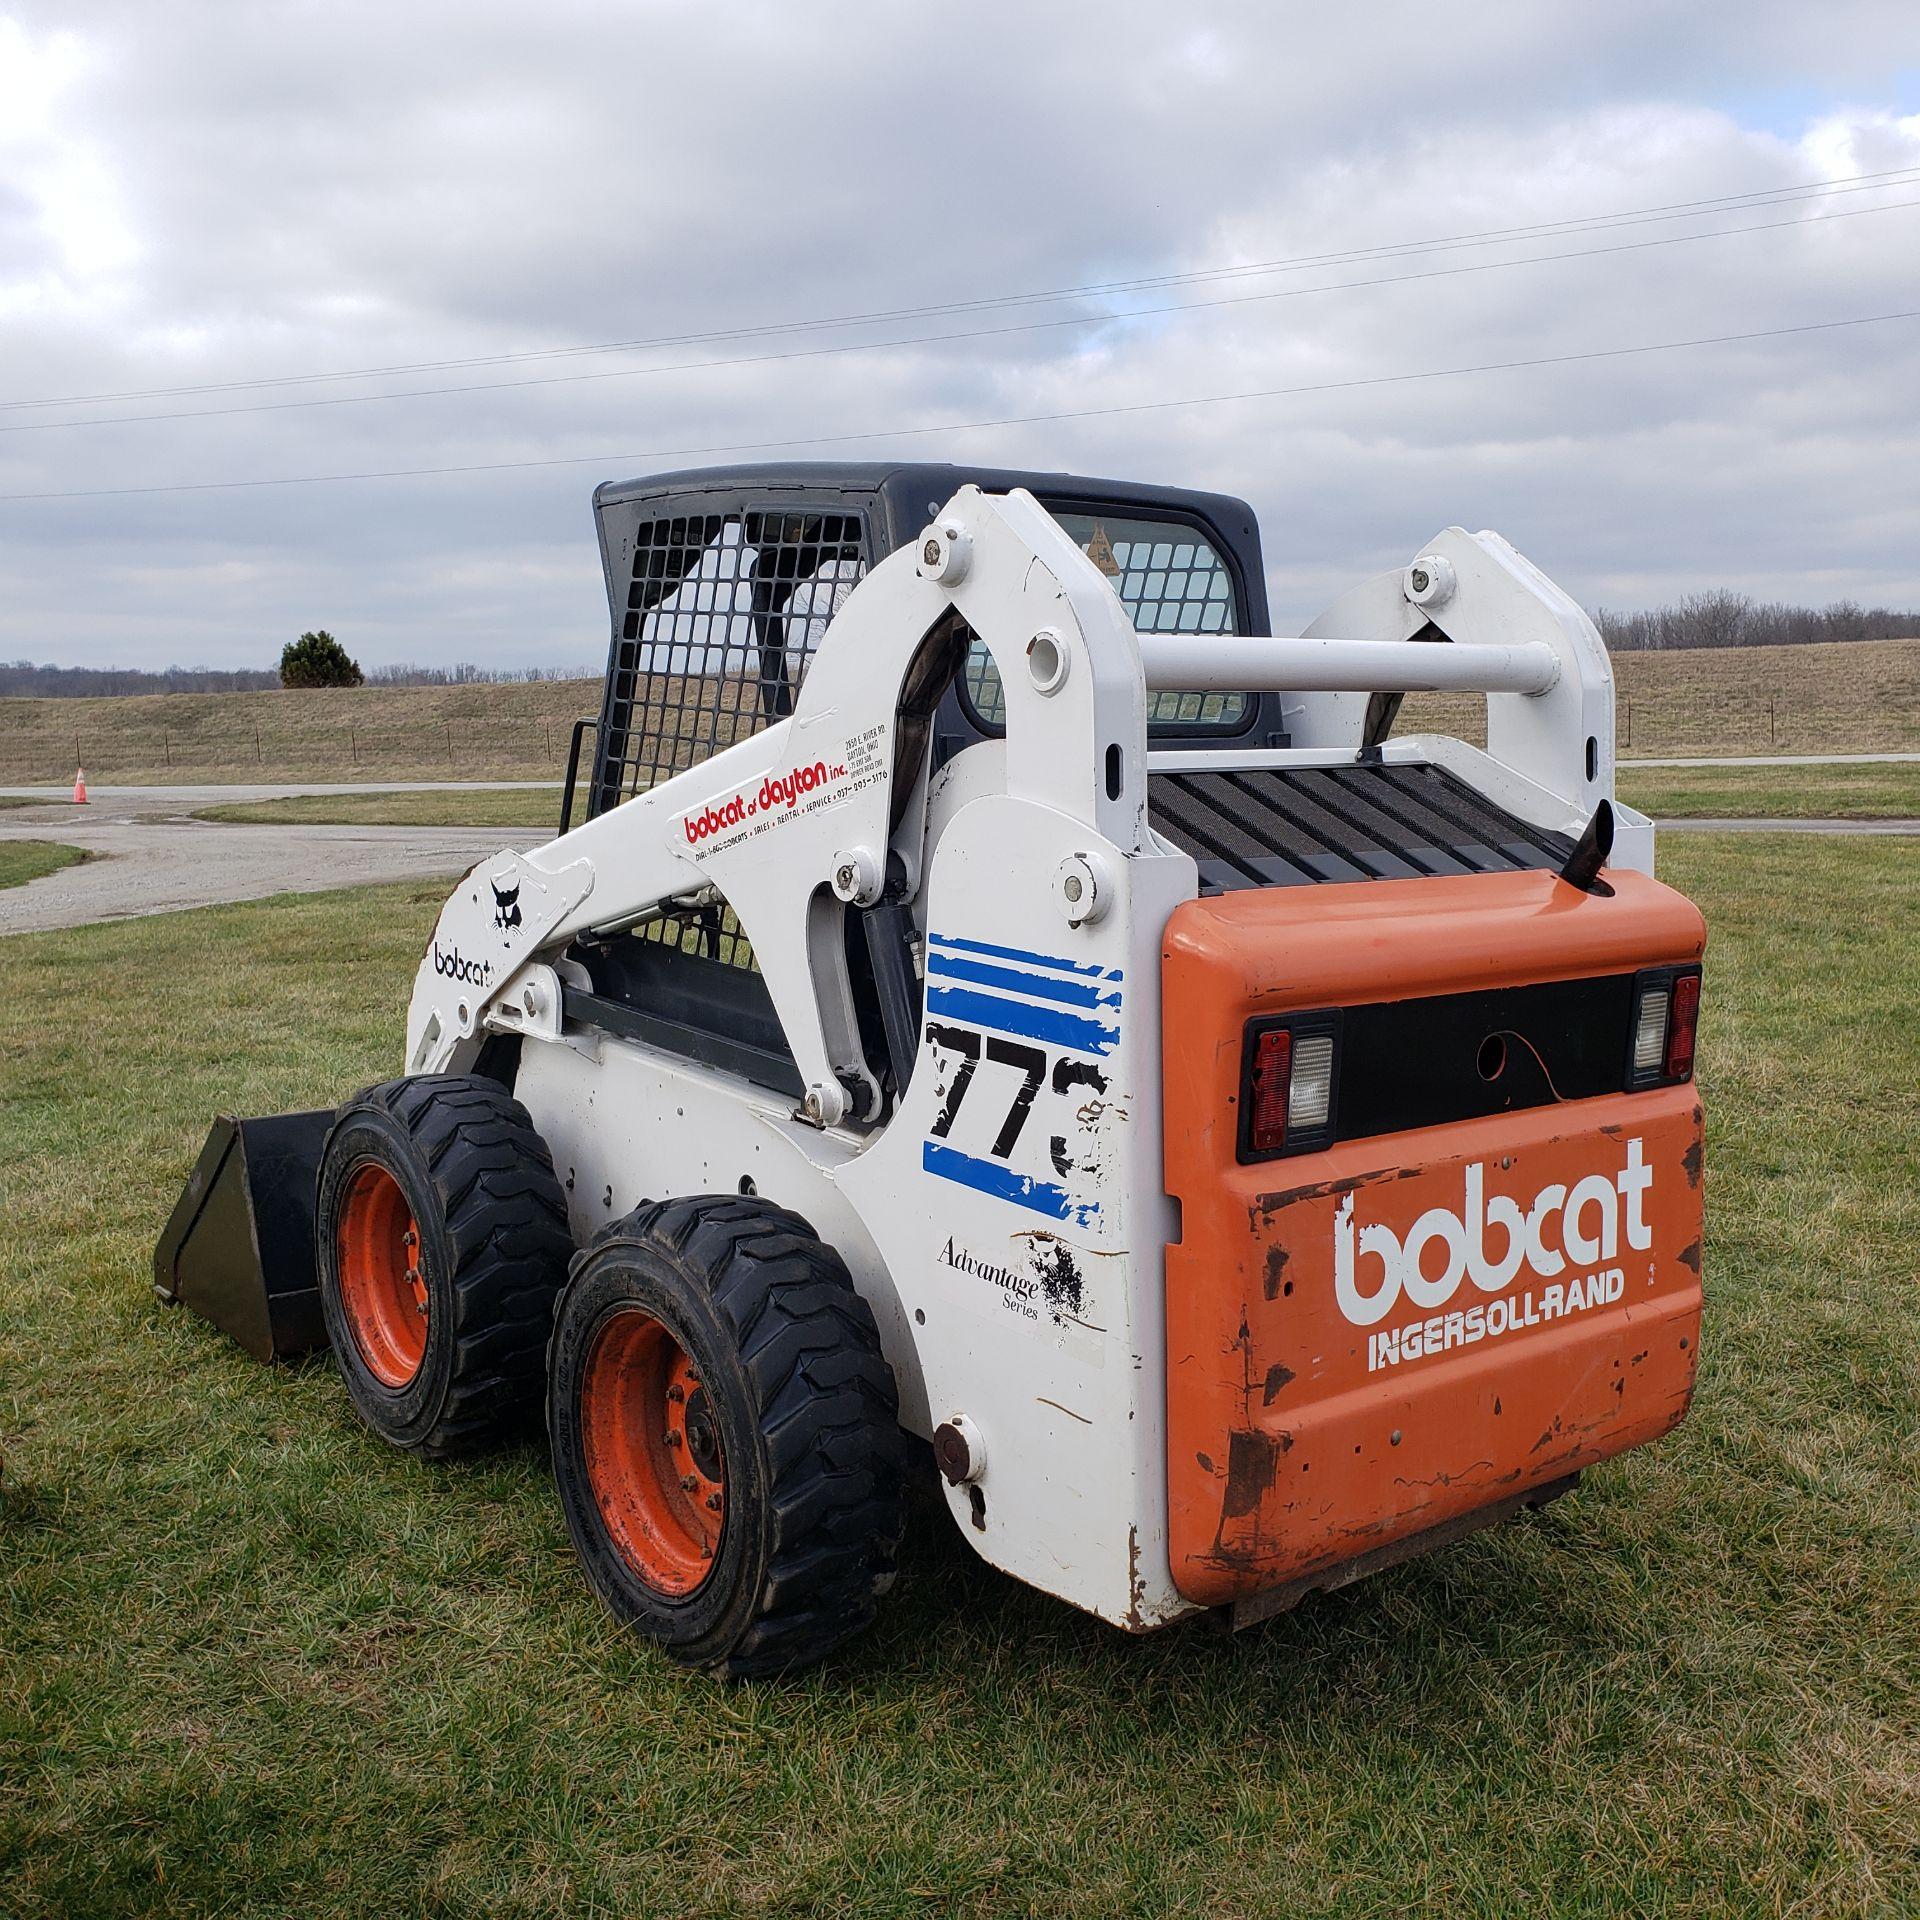 Bobcat Model 773 Skid Steer, s/n 517615228, 1208 Hours, 78 in GP Bucket, Owner Operated Machine - Image 5 of 12